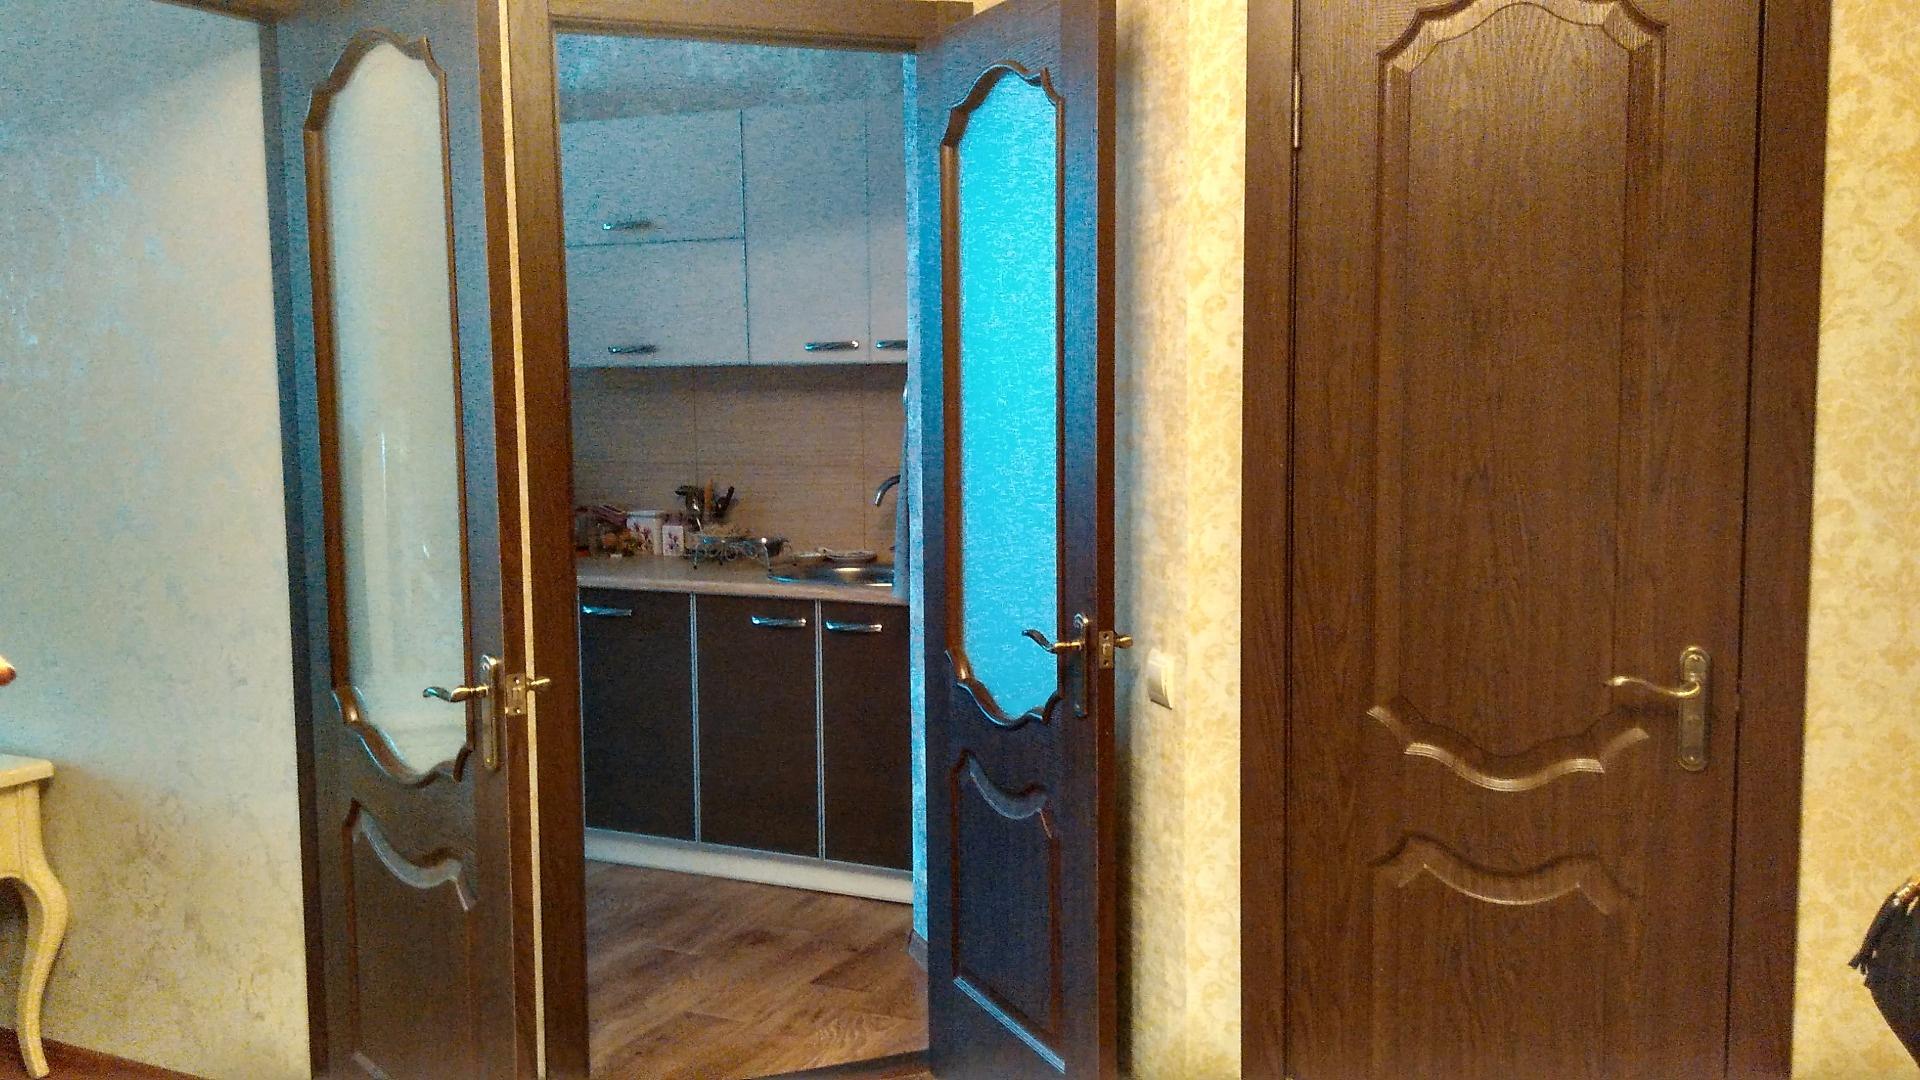 Продается 2-комнатная квартира на ул. Грушевского Михаила (Братьев Ачкановых) — 46 000 у.е. (фото №14)